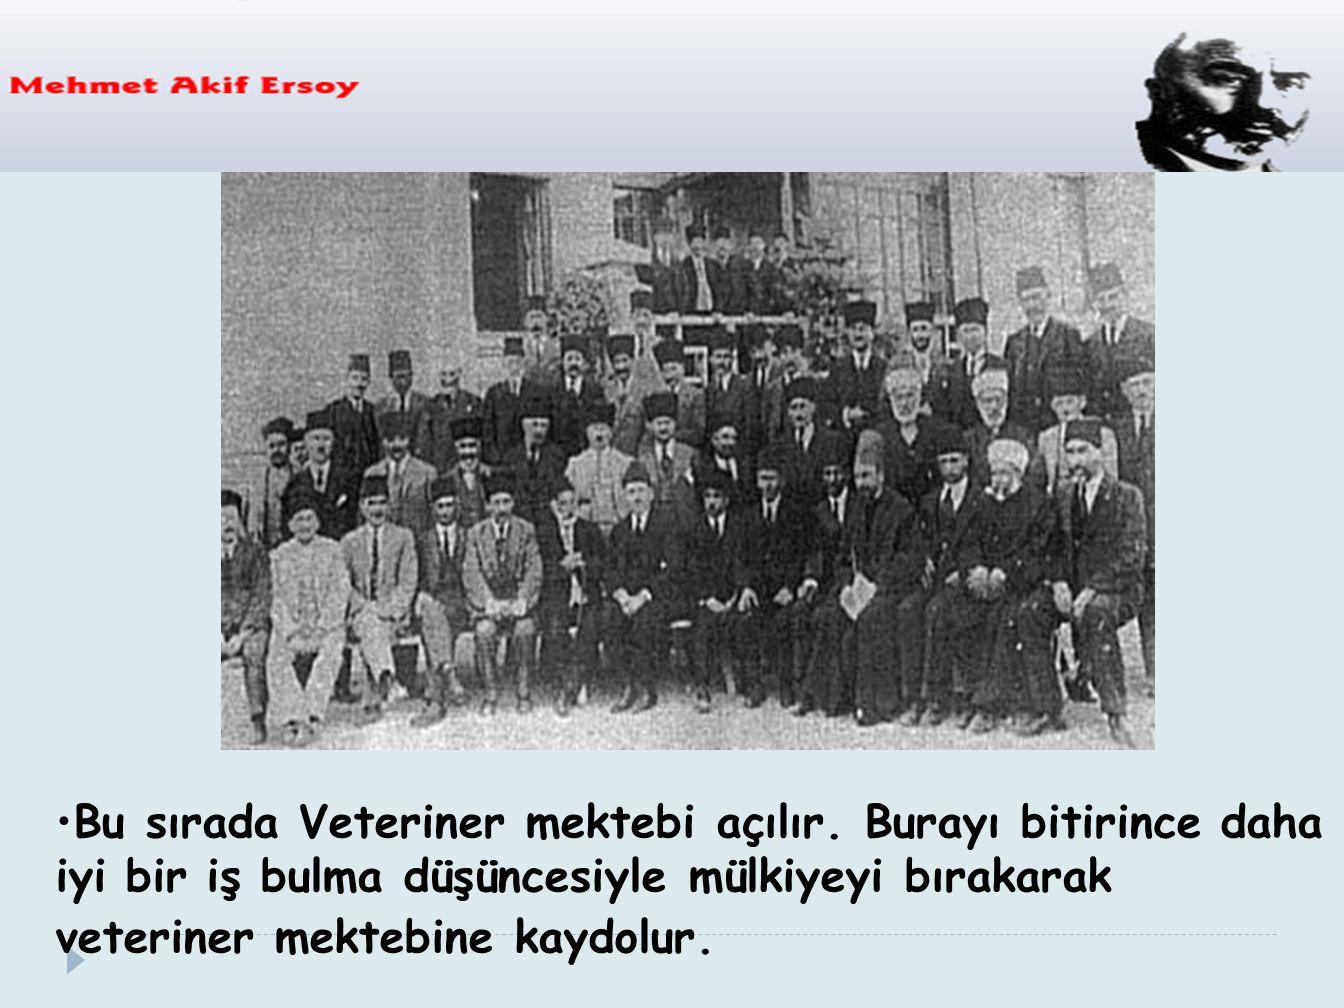  1889'da girdi ğ i Halkalı Mülkiye Baytar Mektebi'ni 1893'te birincilikle bitirdi ve bundan sonra hafız olur.